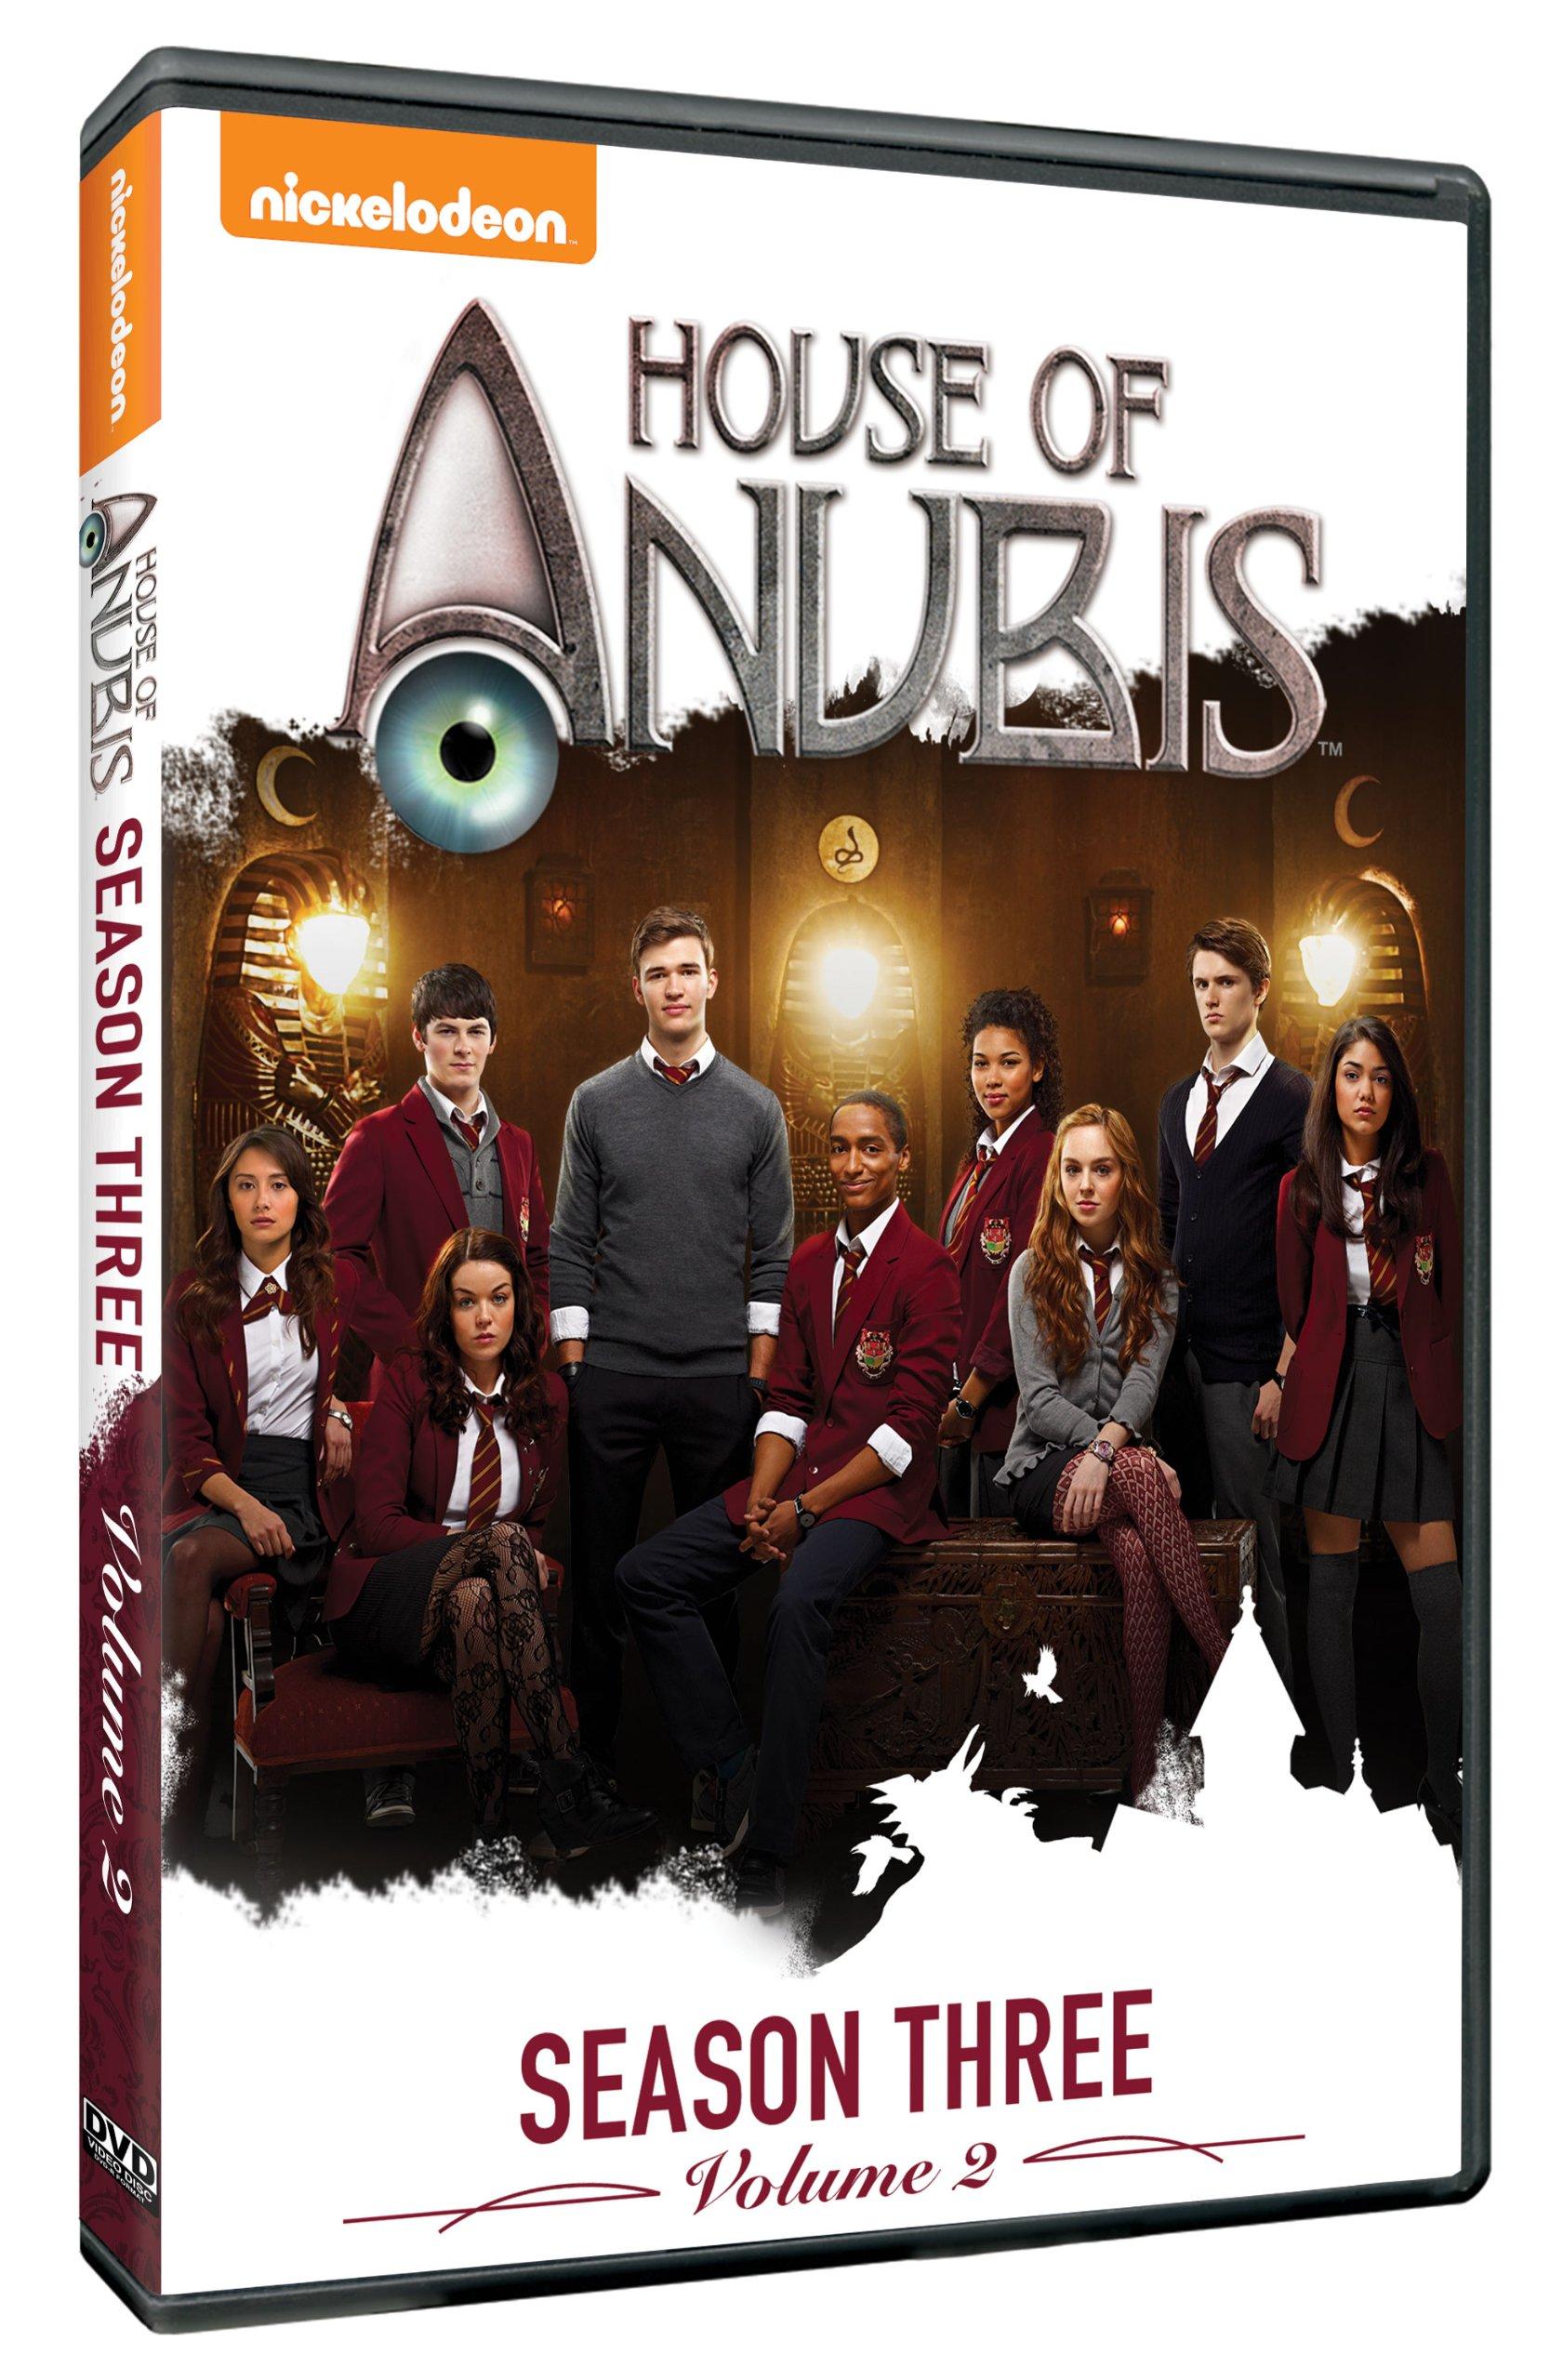 House of Anubis: Season 3 Volume 2